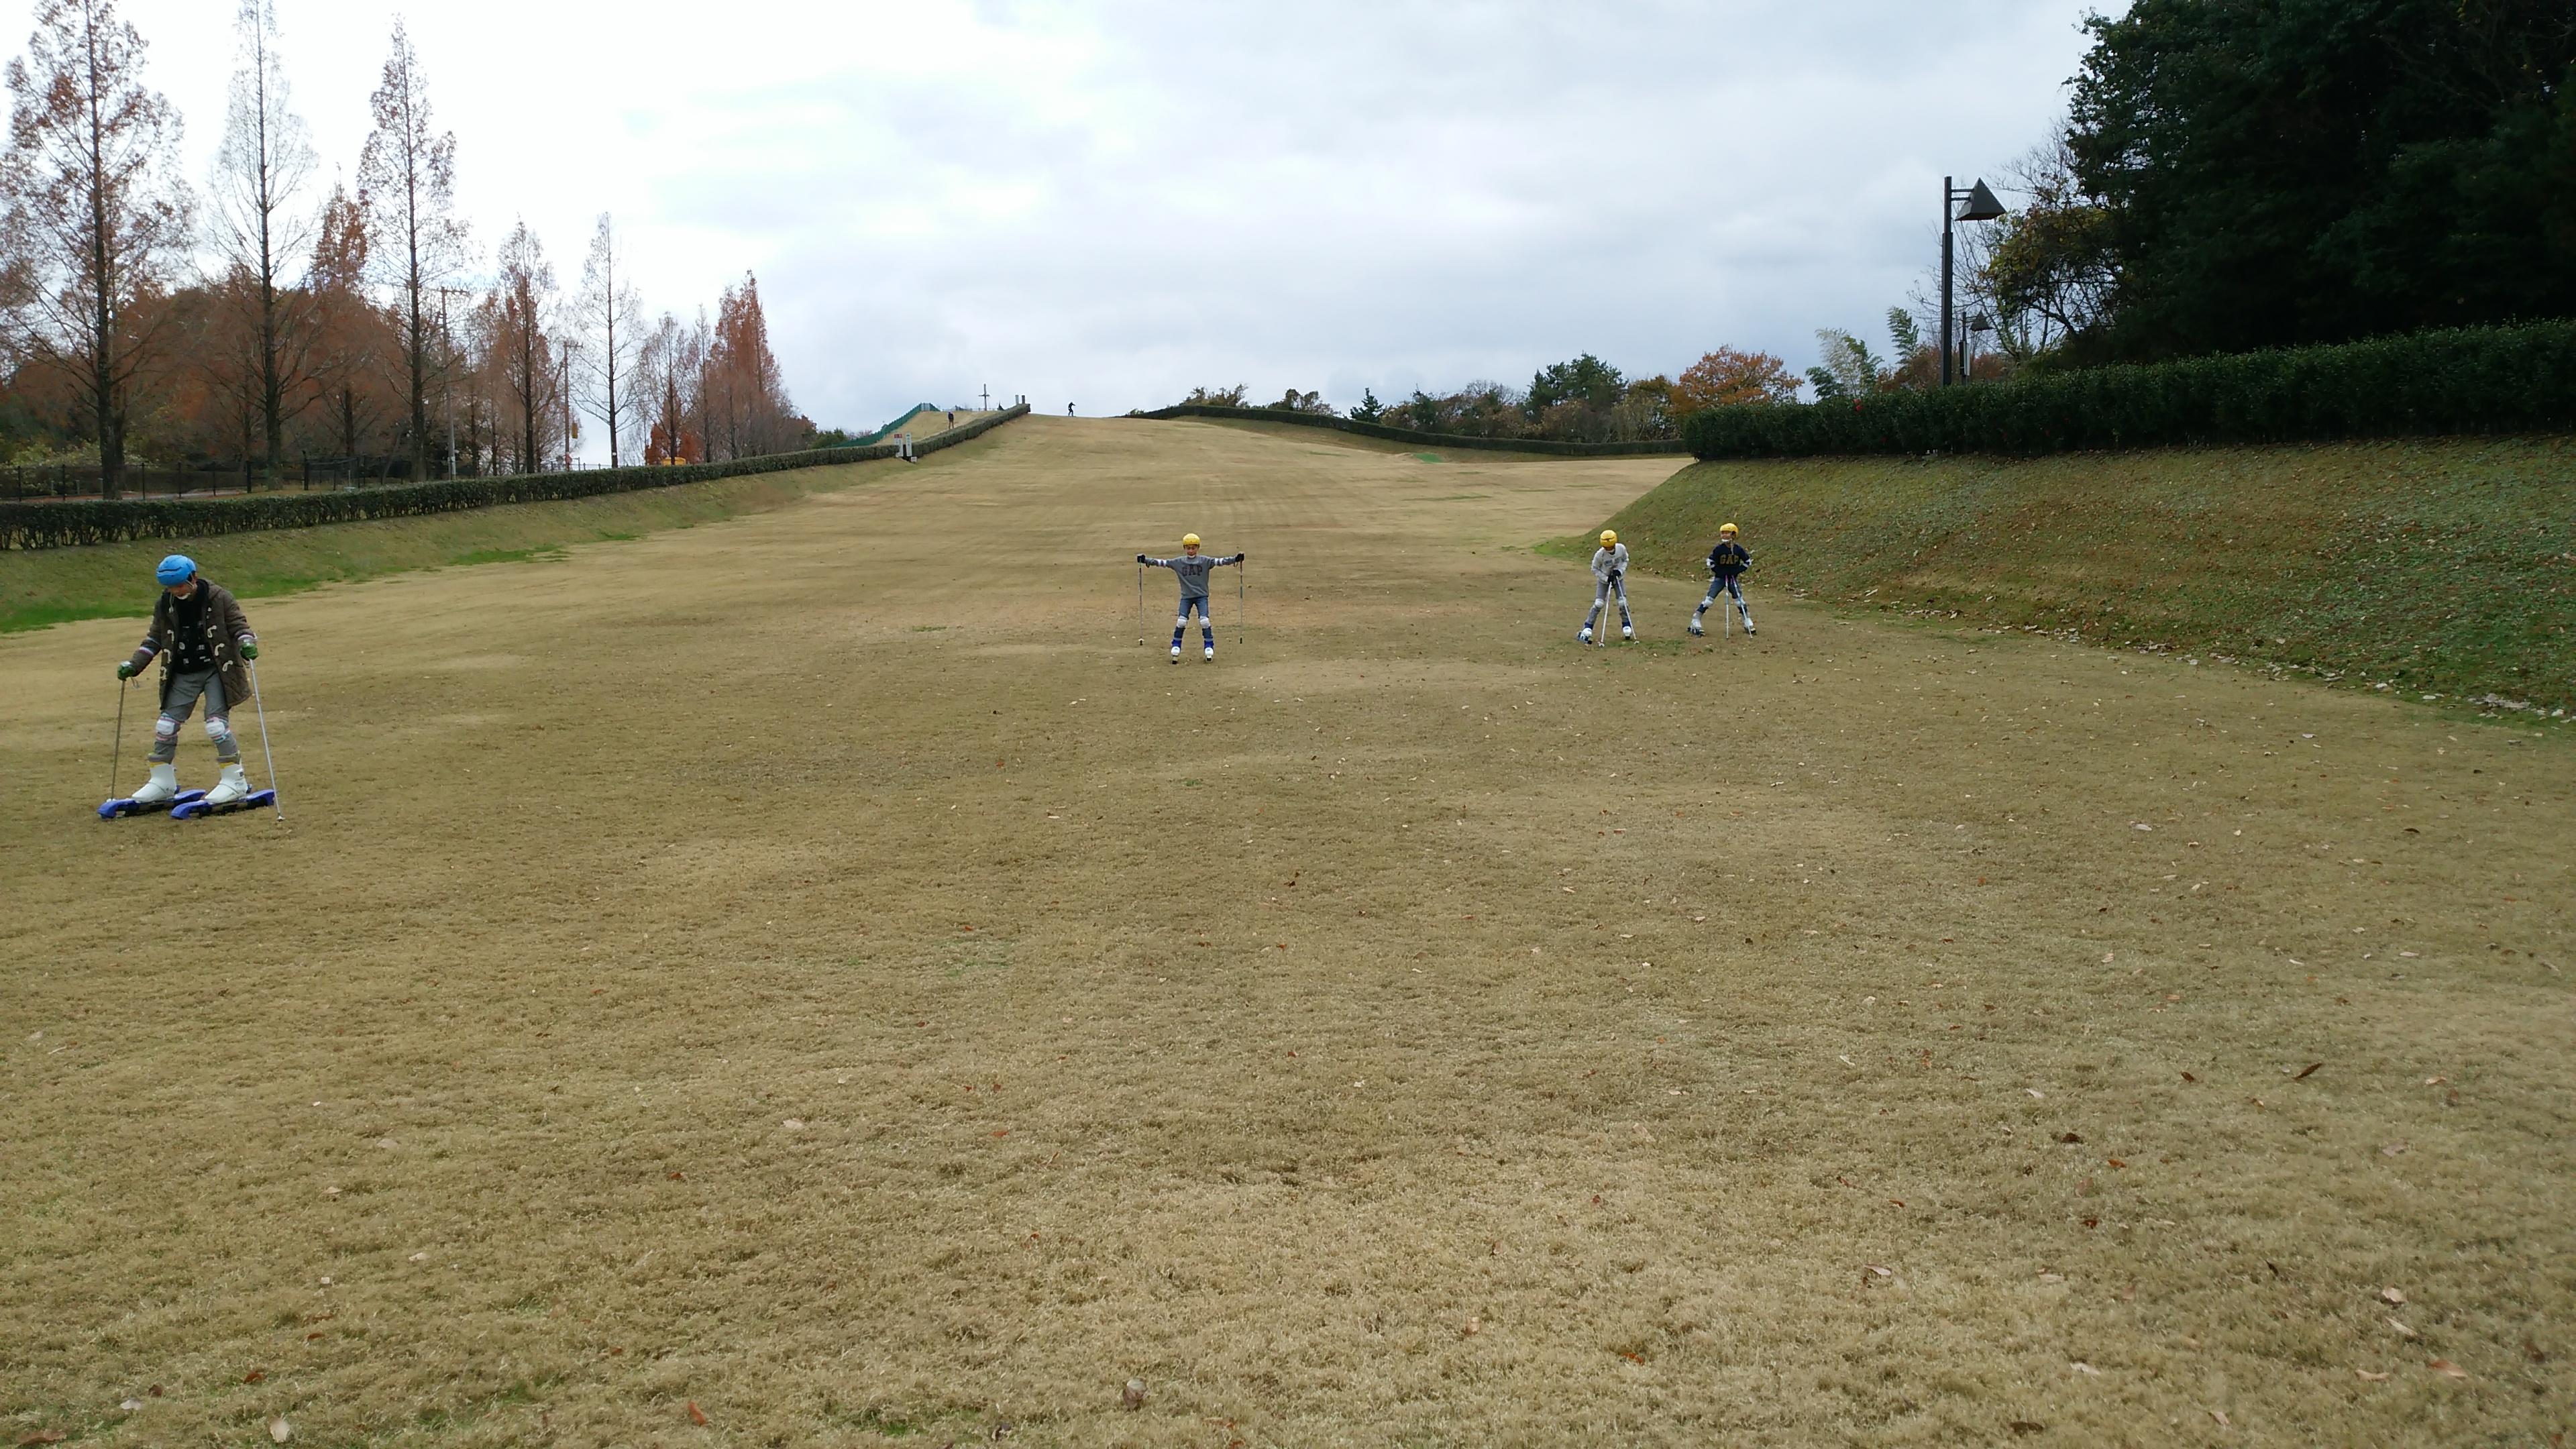 さぬき空港公園のグラススキー場で楽しく遊ぶ 高松市